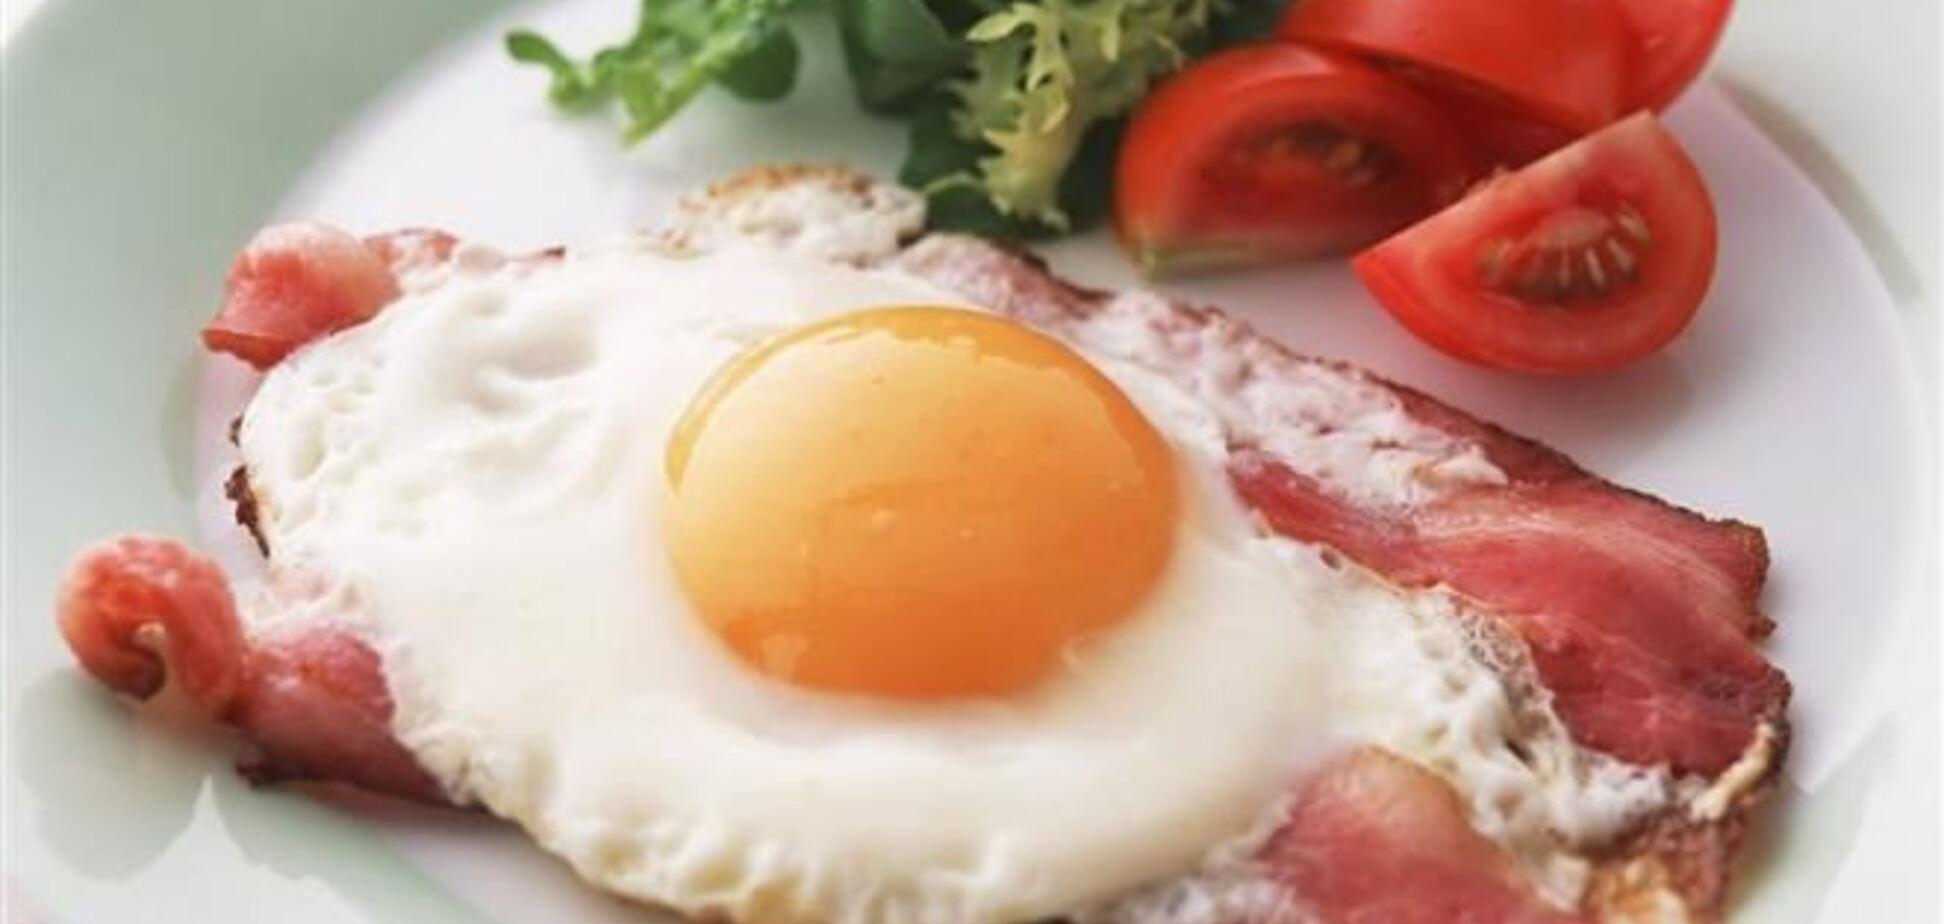 Яйца заряжают энергией лучше, чем сладости